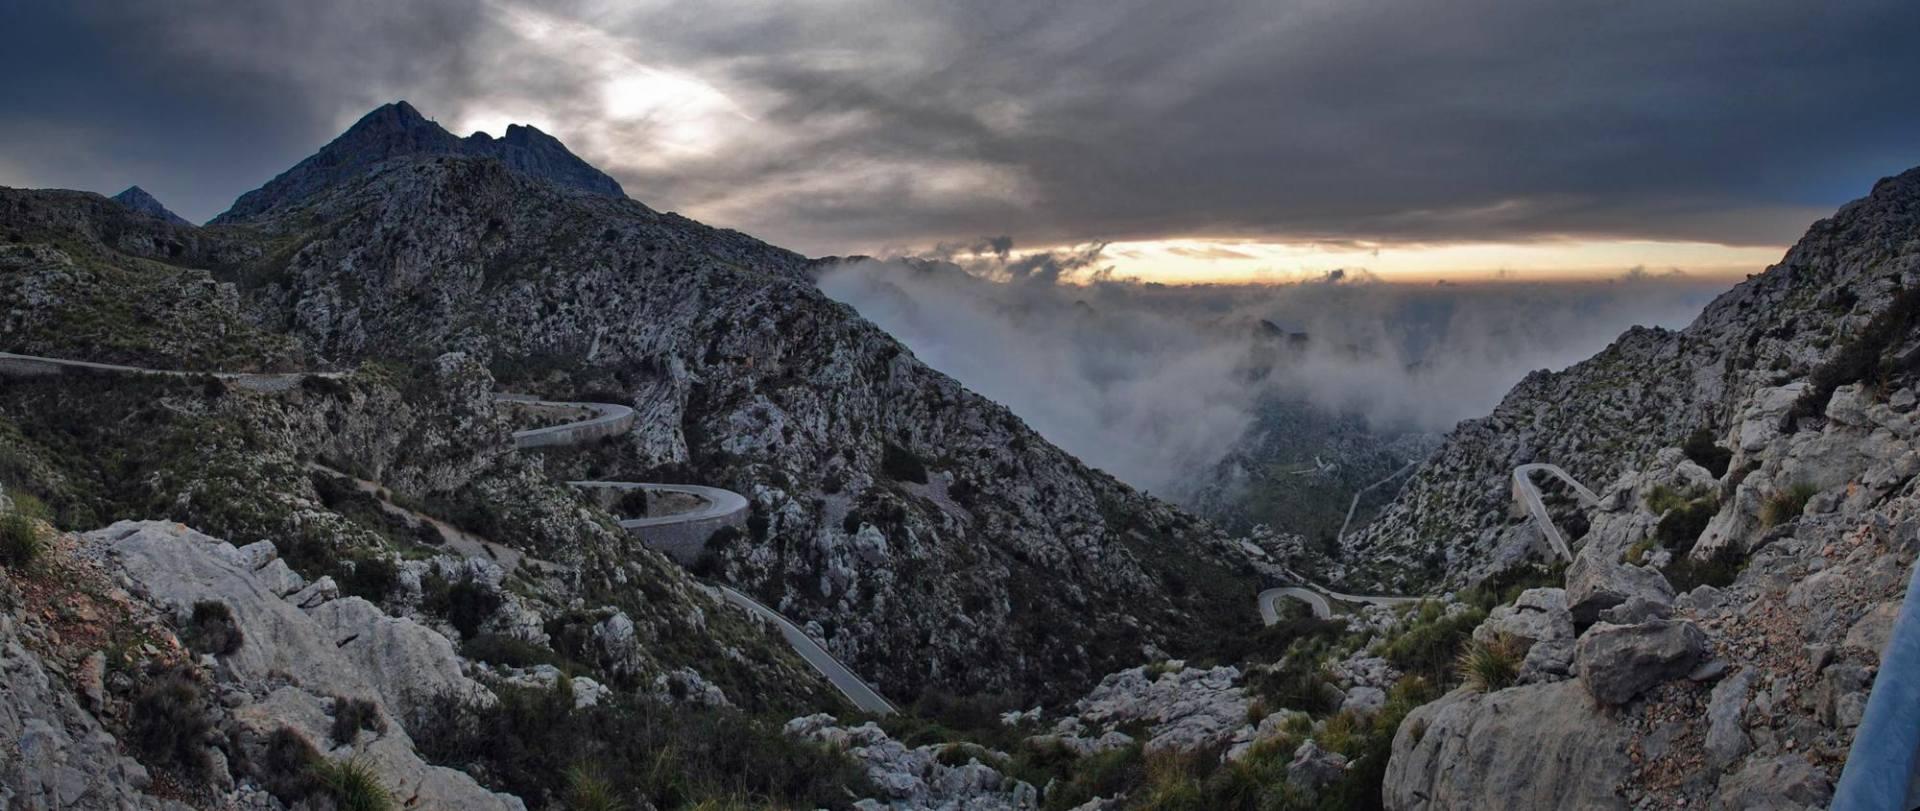 Cala de Sa Calobra, Majorca • Explore Mediterranean